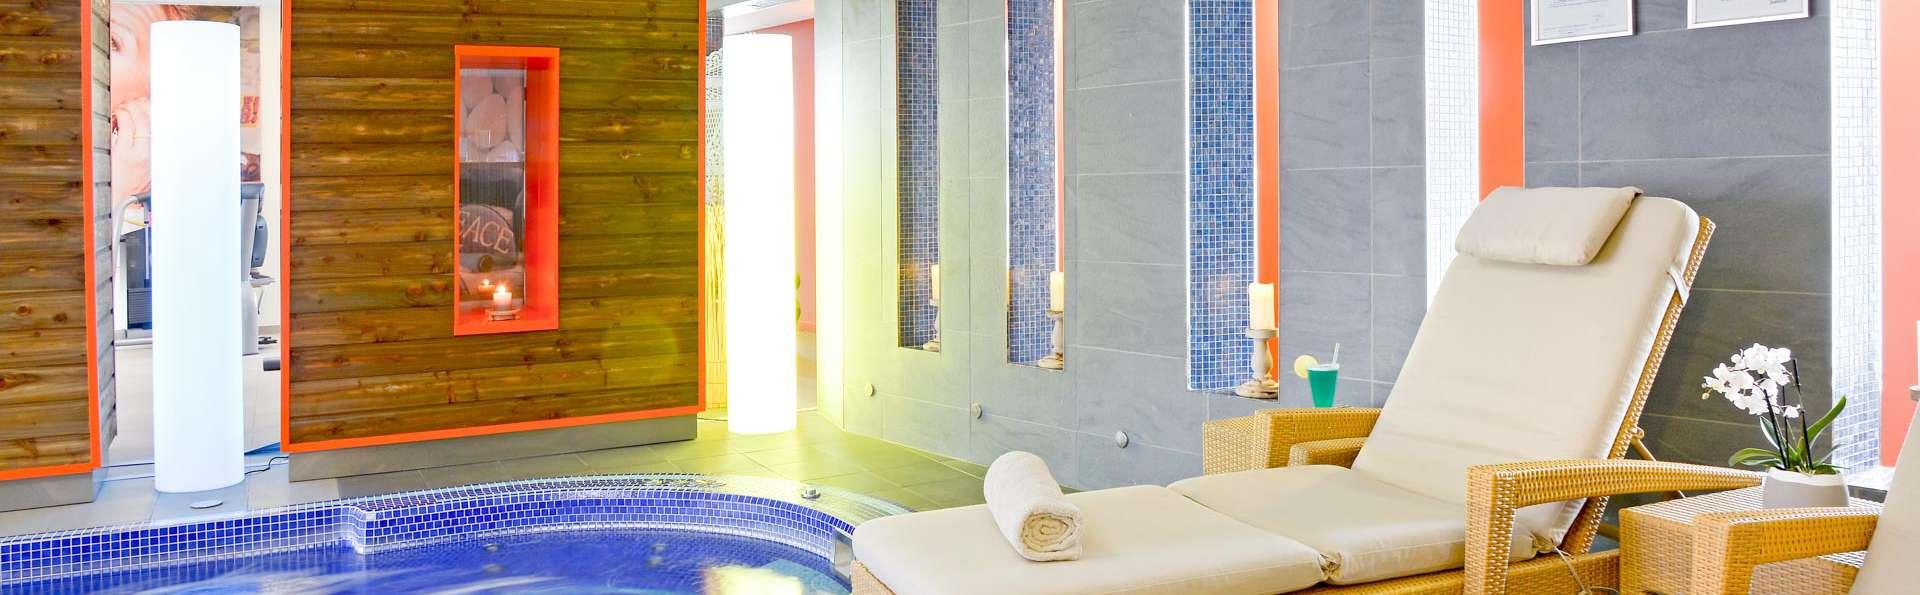 Week-end détente avec accès spa à Toulouse